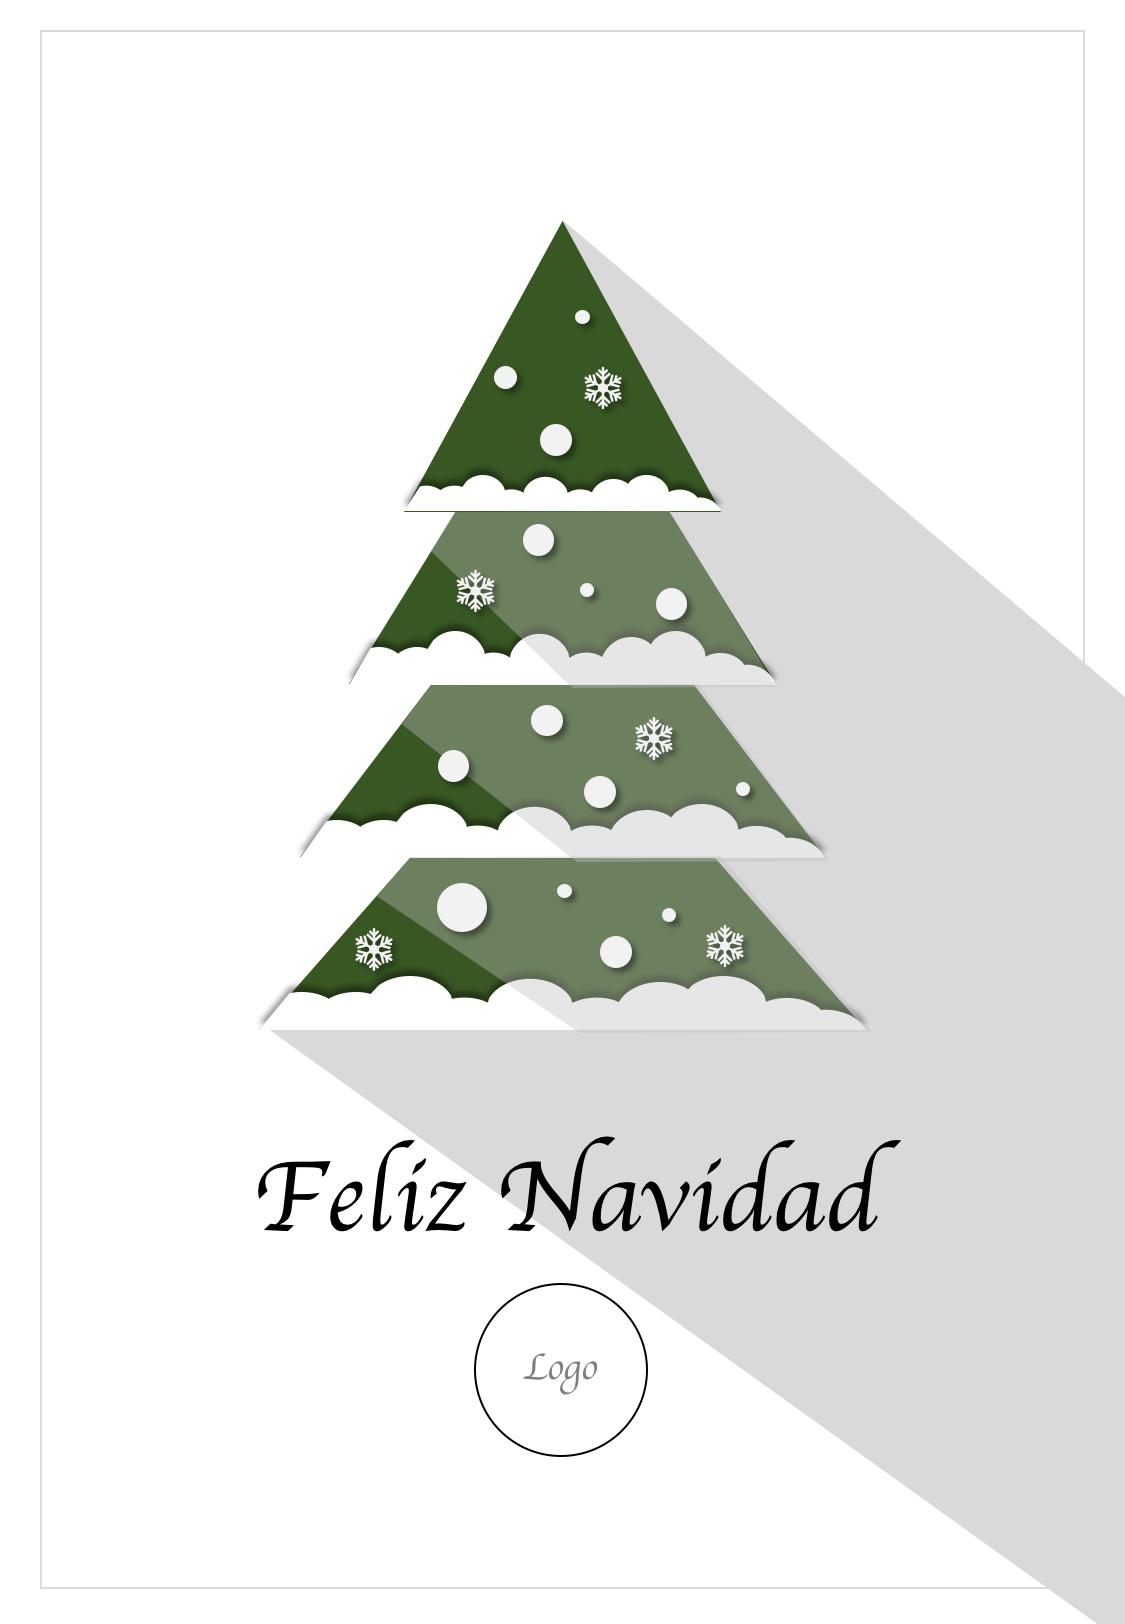 Fotos Profesionales De Navidad.Arbol De Navidad Wow